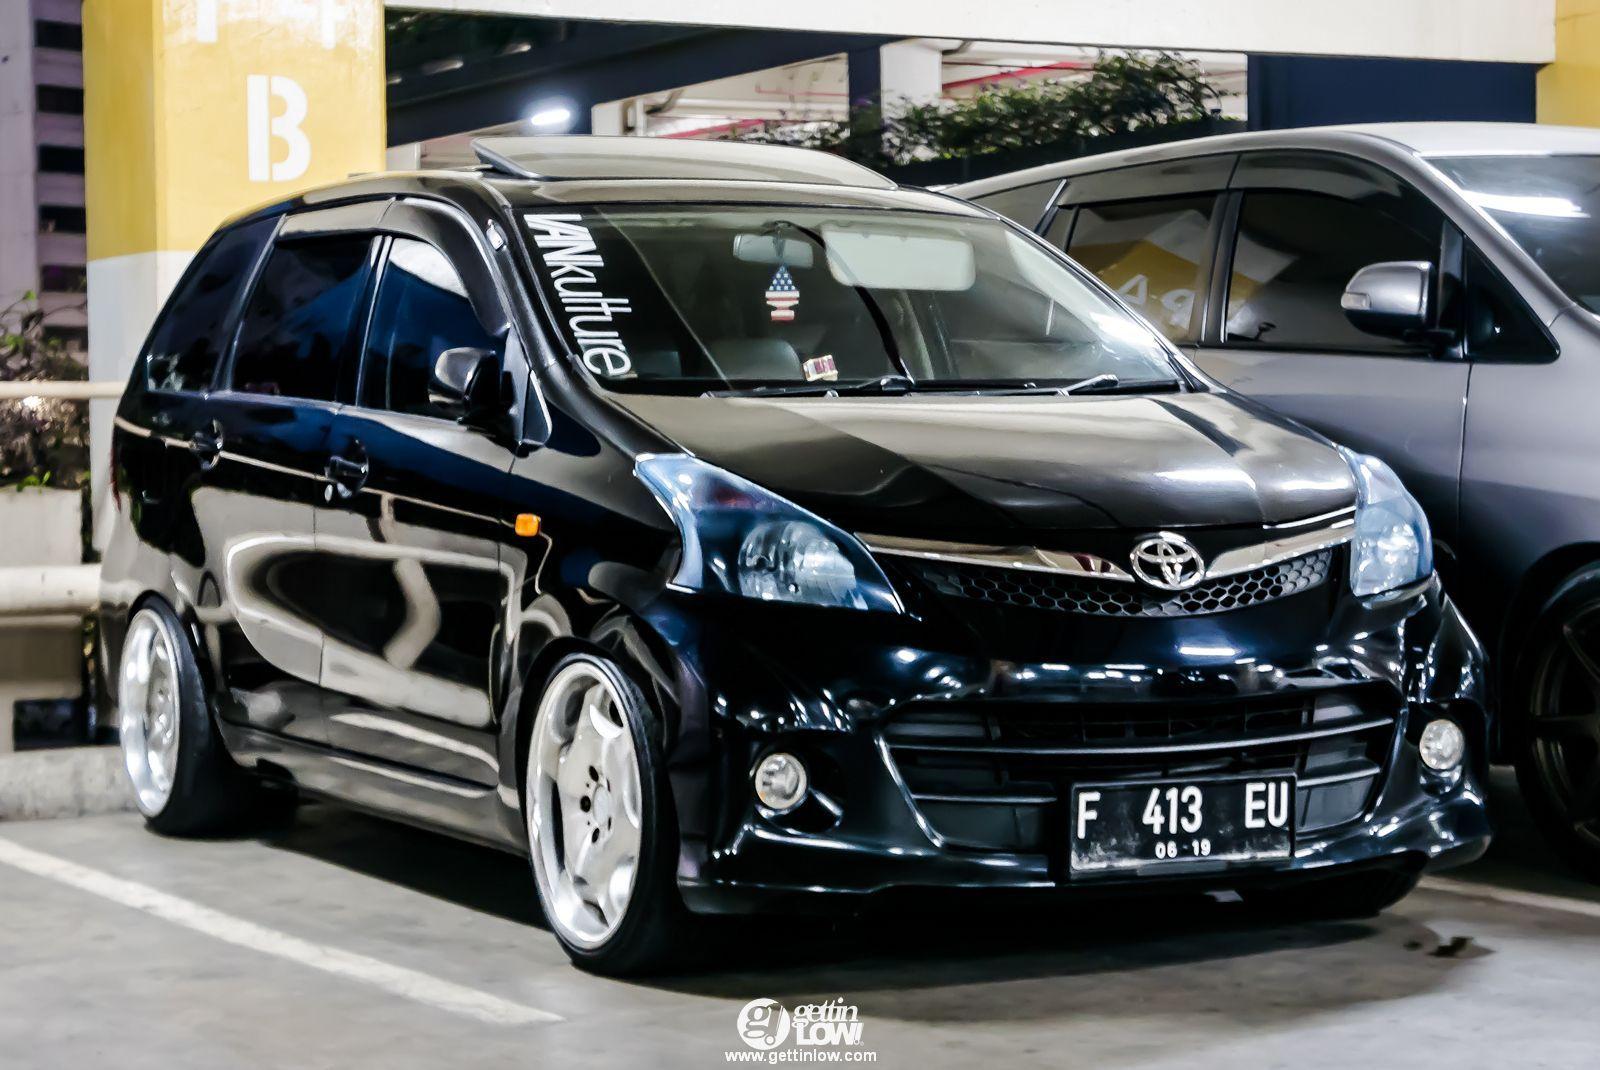 Modifikasi Mobil Avanza Veloz 2020 Modifikasi Mobil Mobil Konsep Mobil